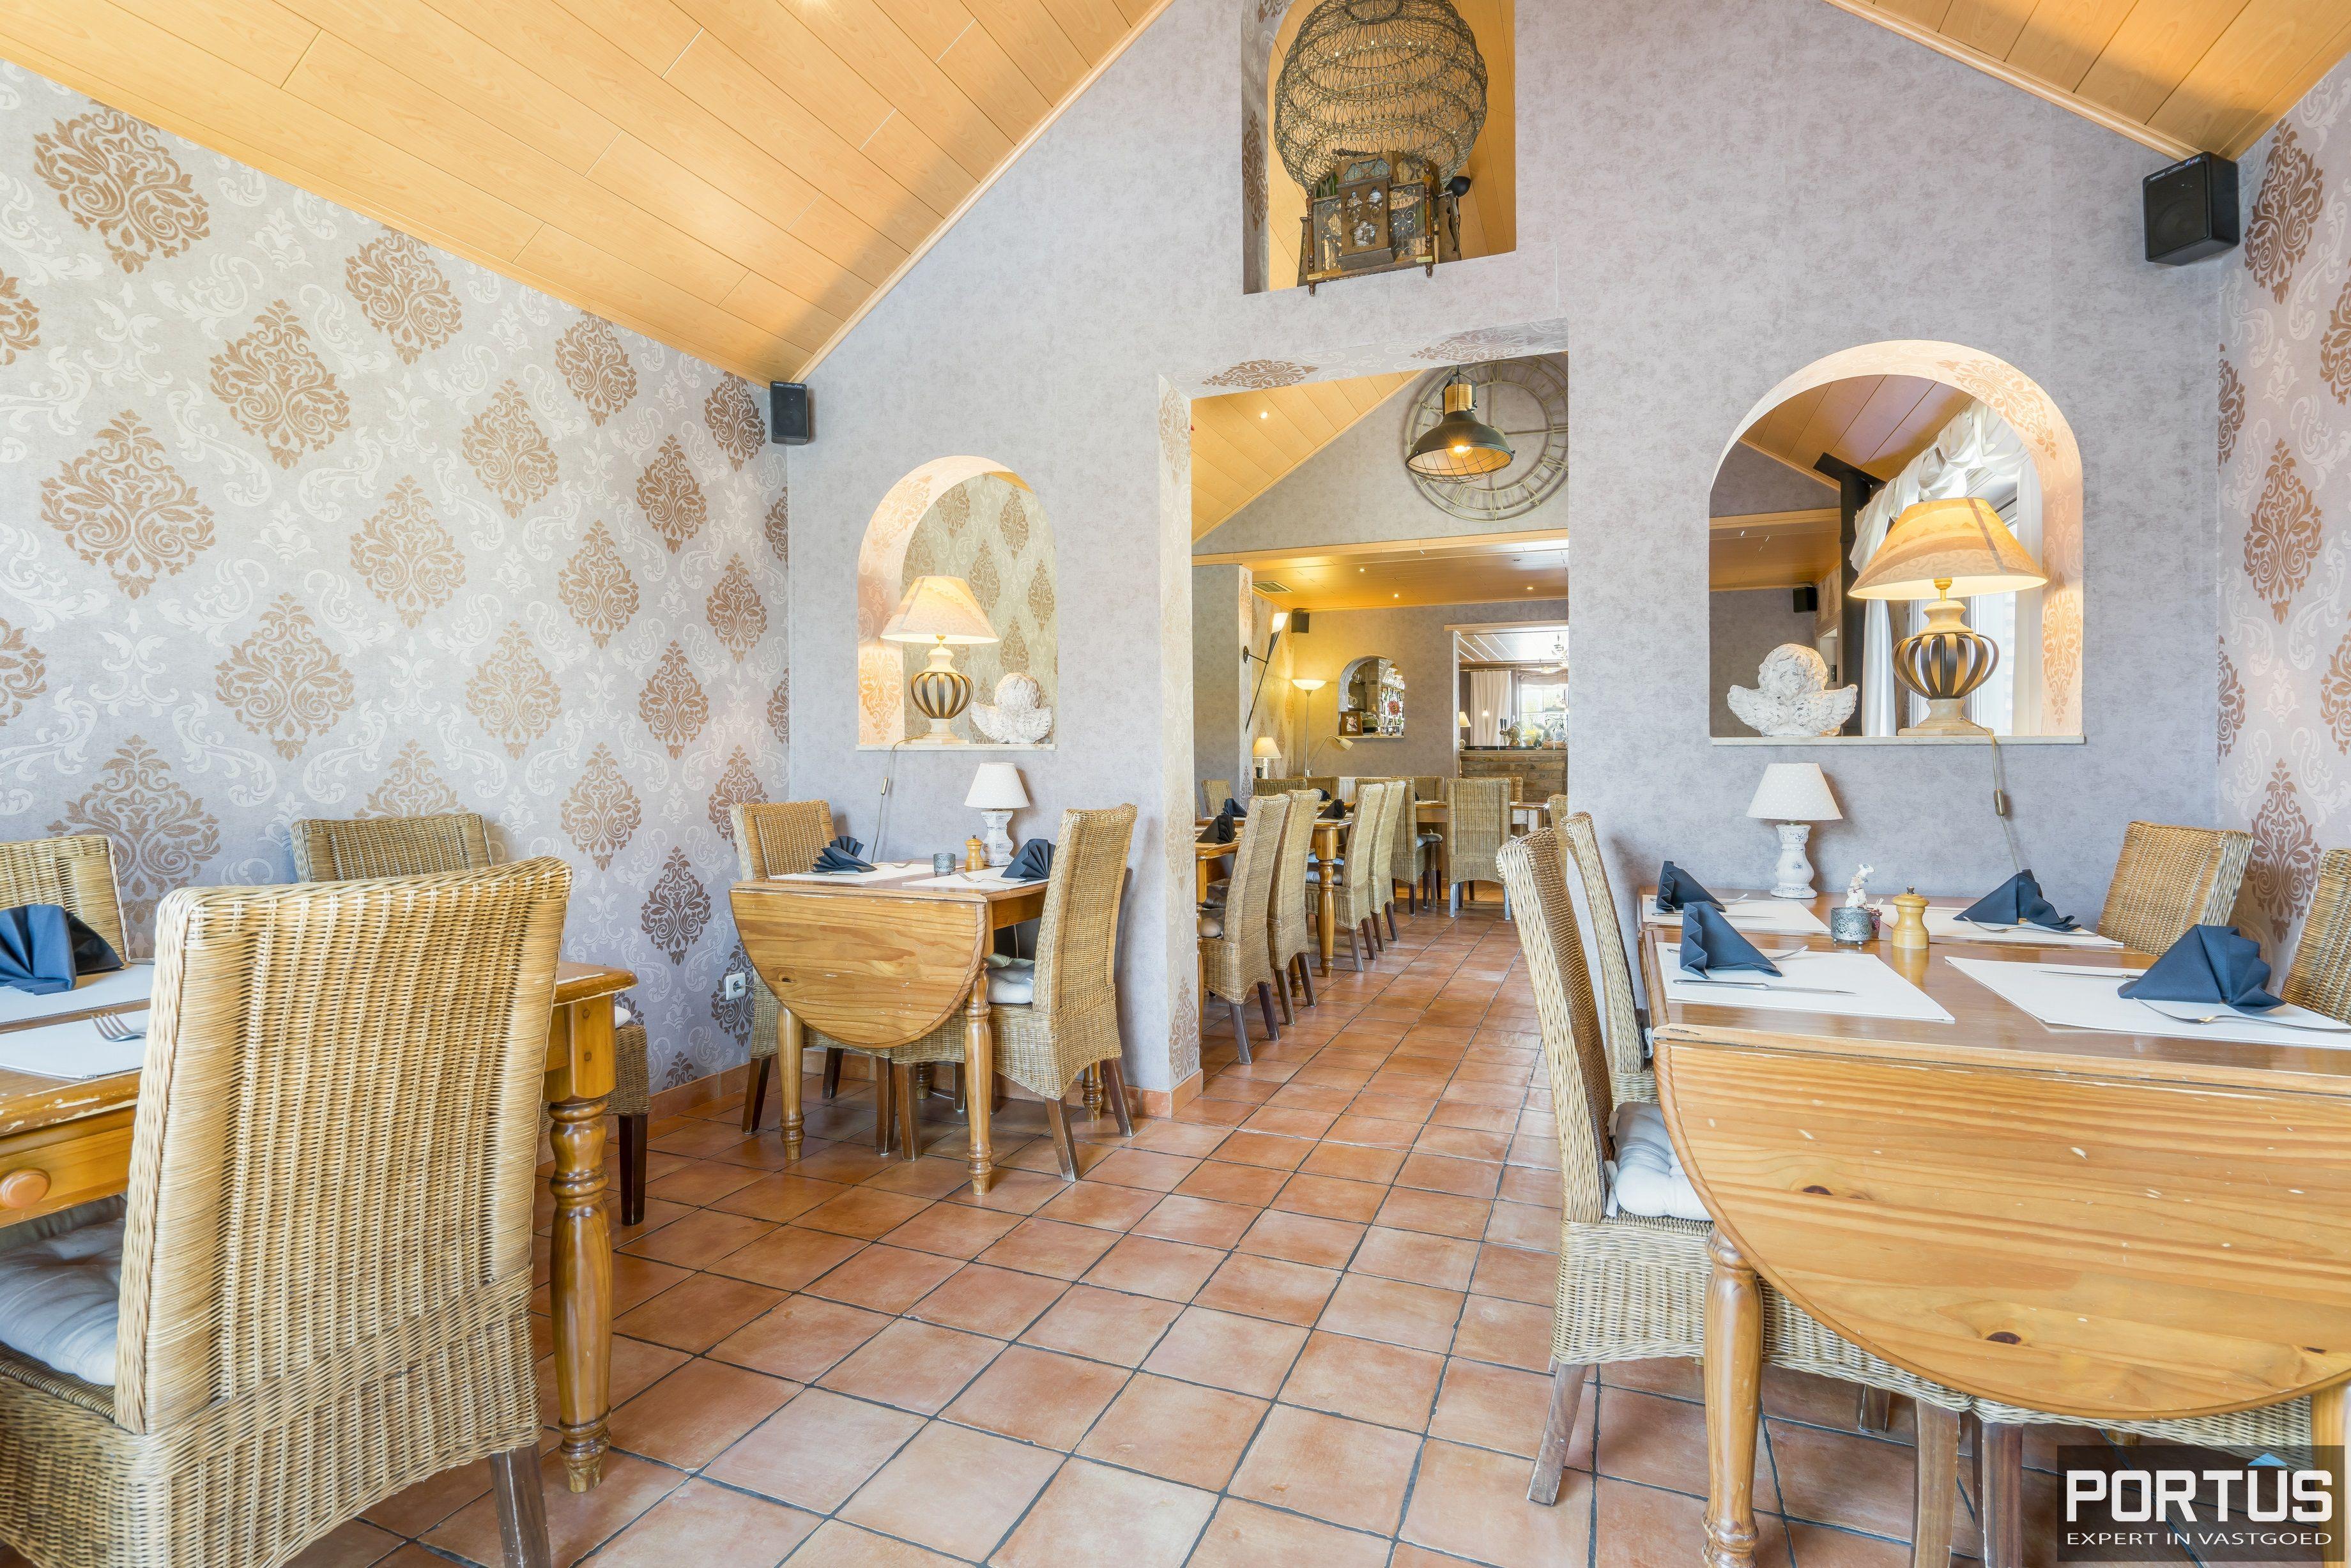 Restaurant met privéwoonst te koop te Westende - 12806